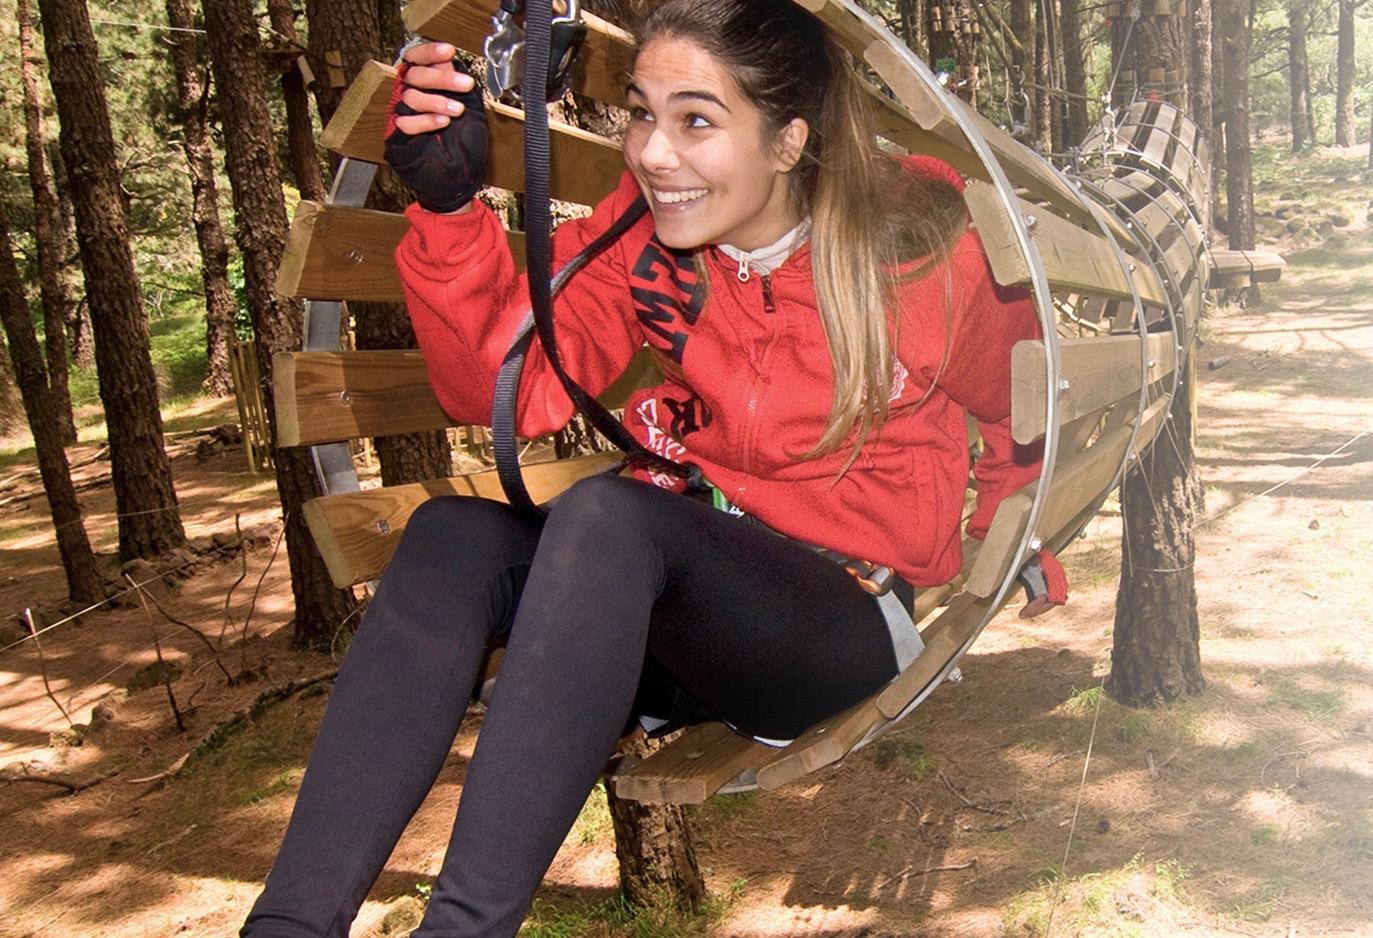 Deportes divertidos al aire libre con varios obstáculos para mantener a todos entretenidos